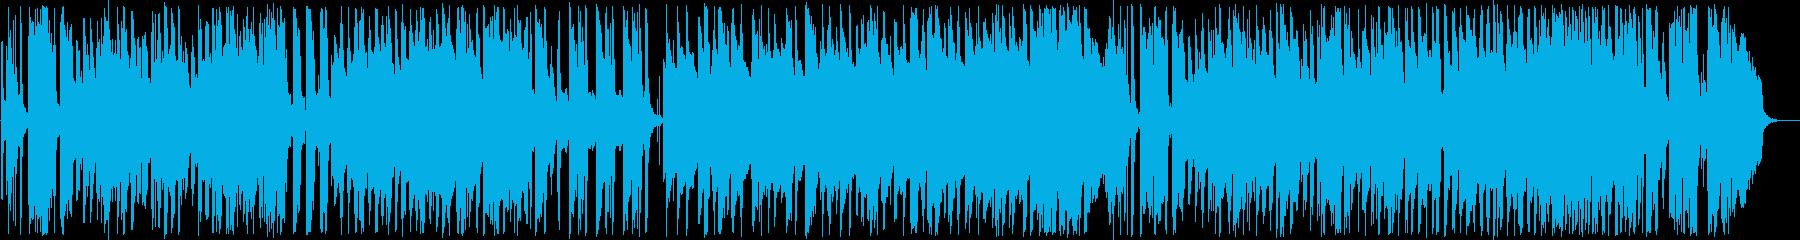 優雅なインフォメーションミュージックの再生済みの波形